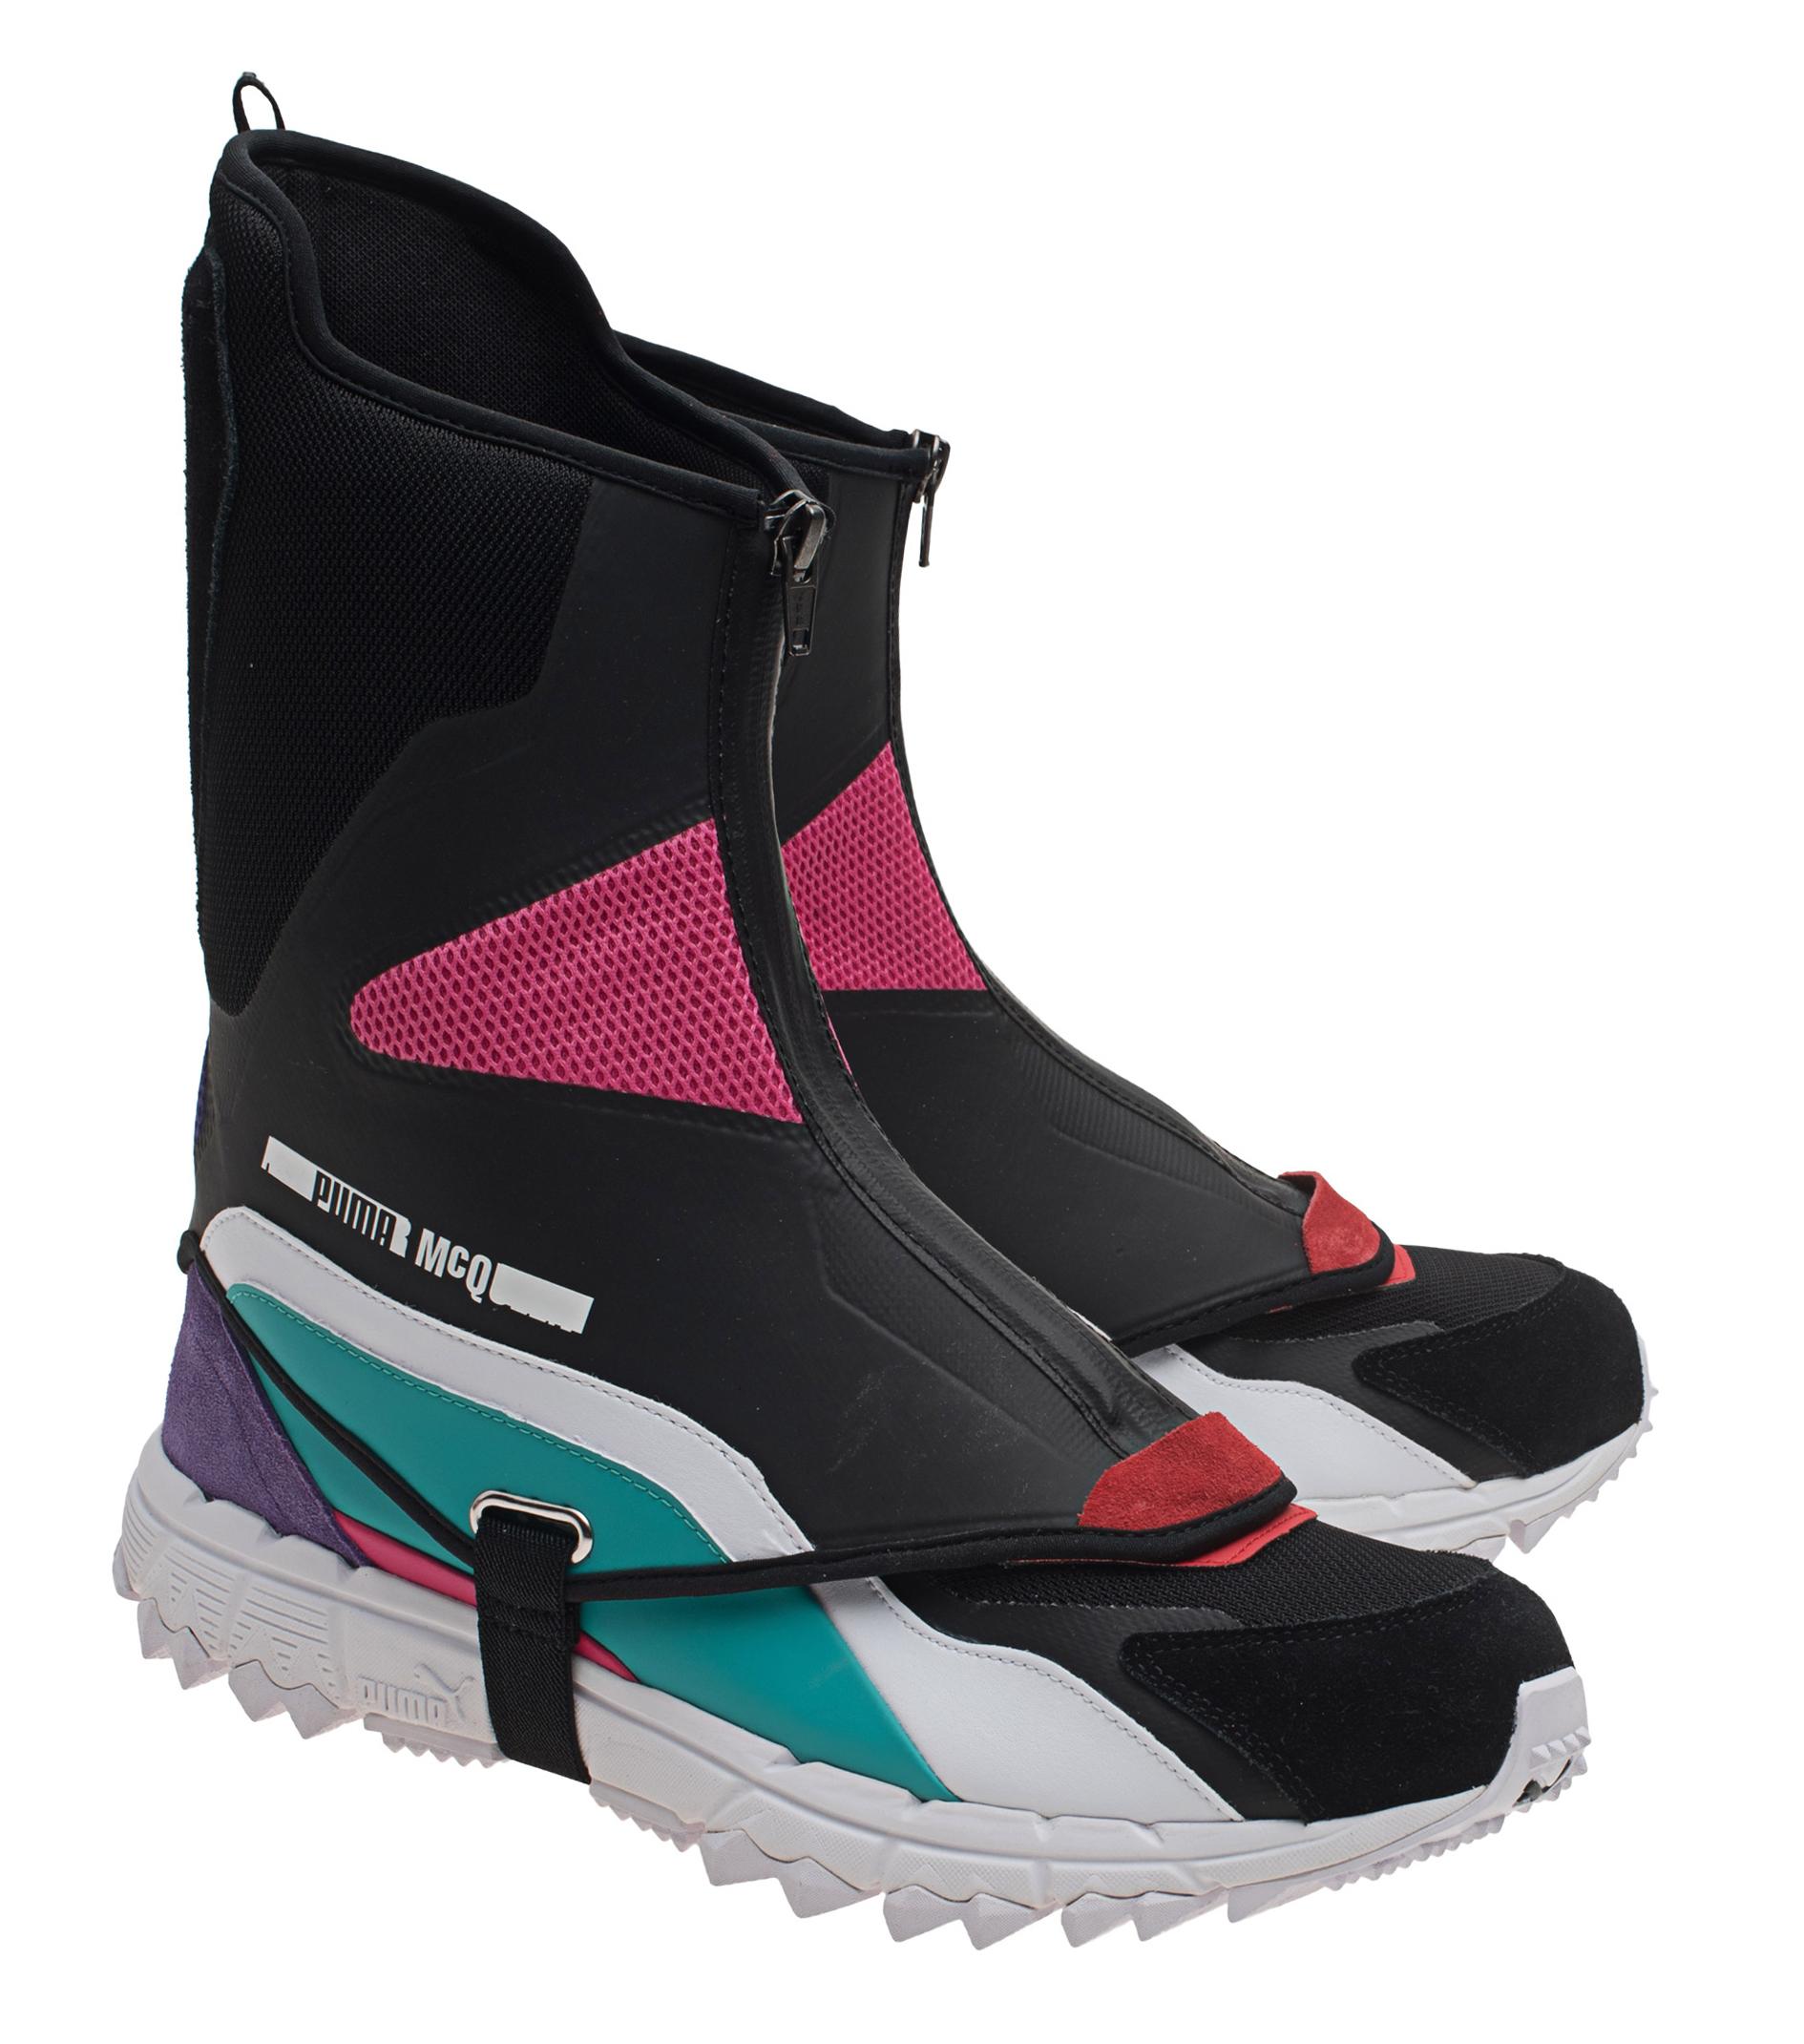 Puma X McQueen Sneaker